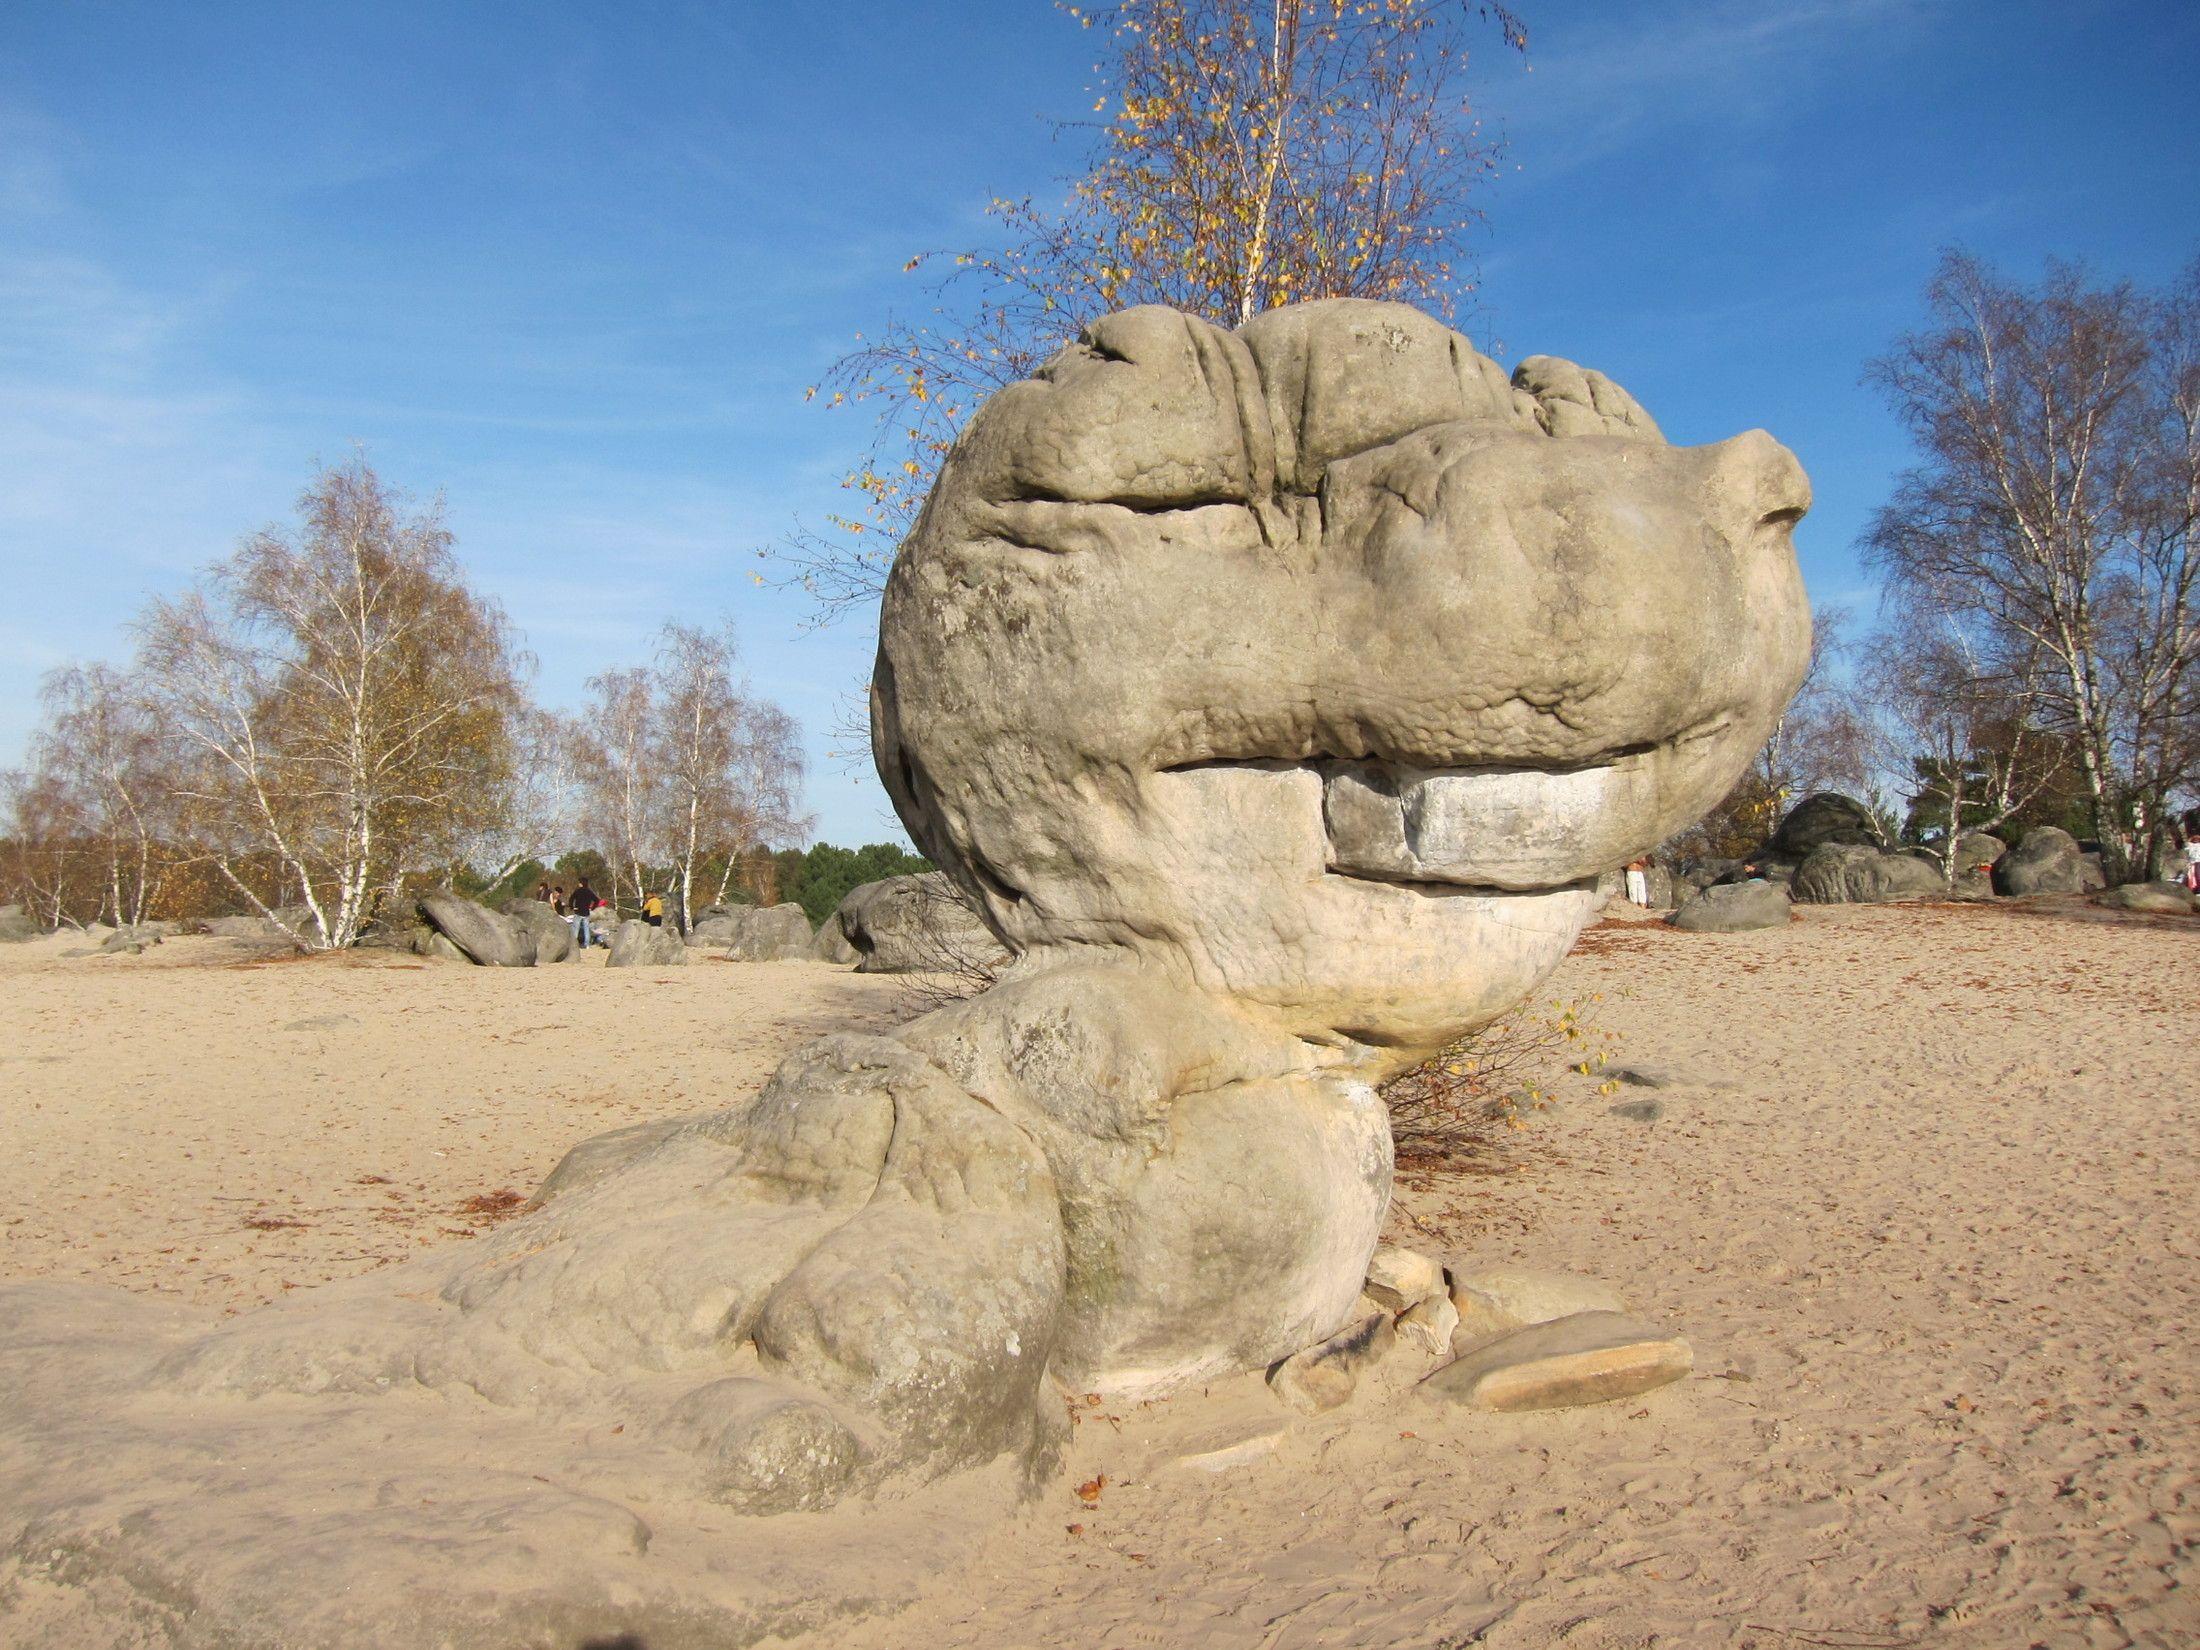 法國楓丹白露 – 天然抱石場